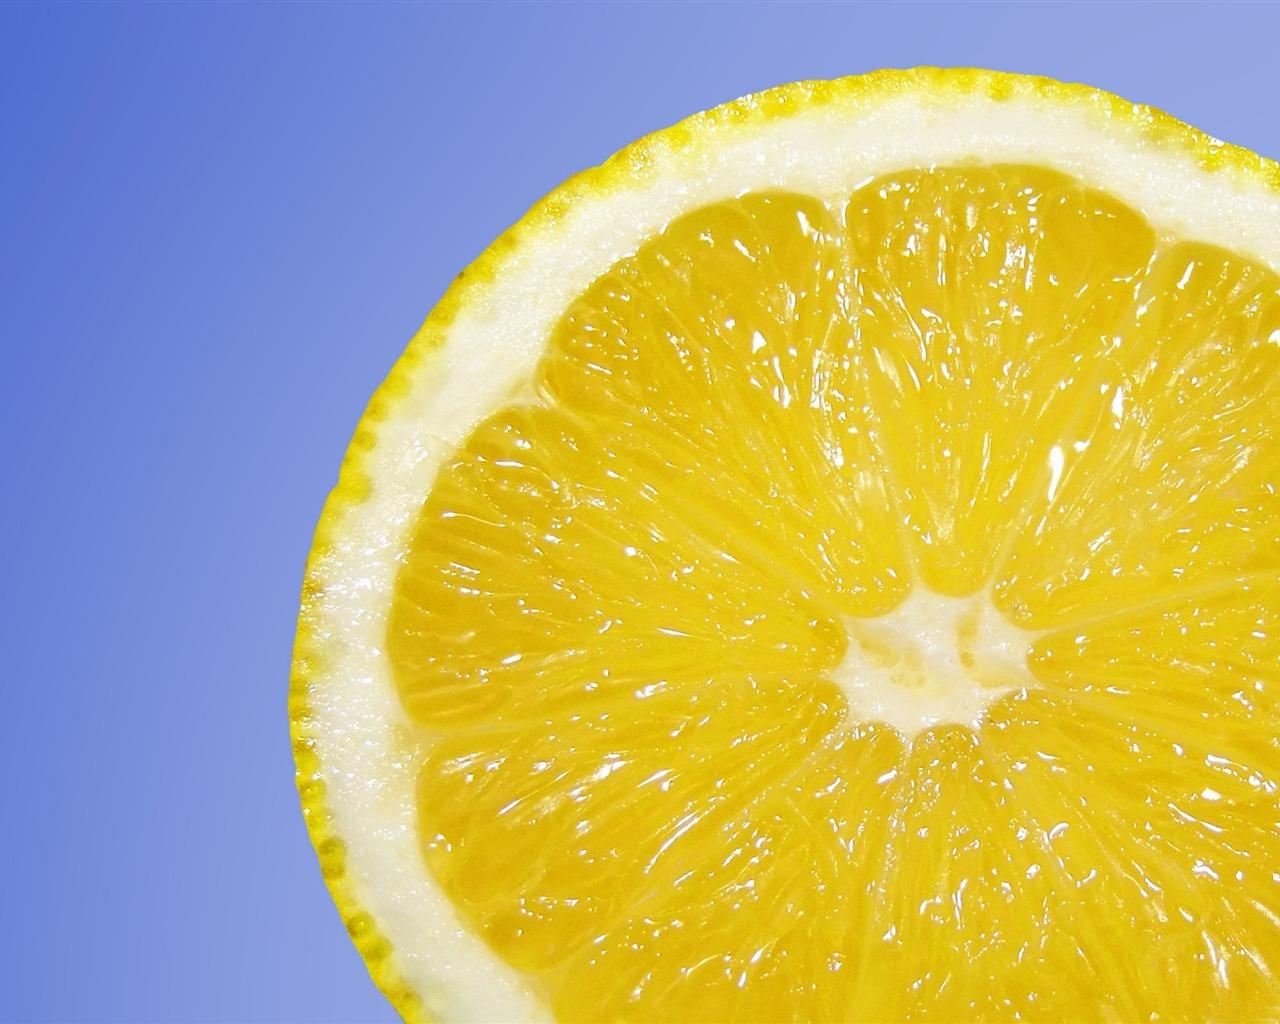 描述: 新鲜的柠檬鲜果-高品质高清壁纸 当前壁纸尺寸: 1280 x 1024图片